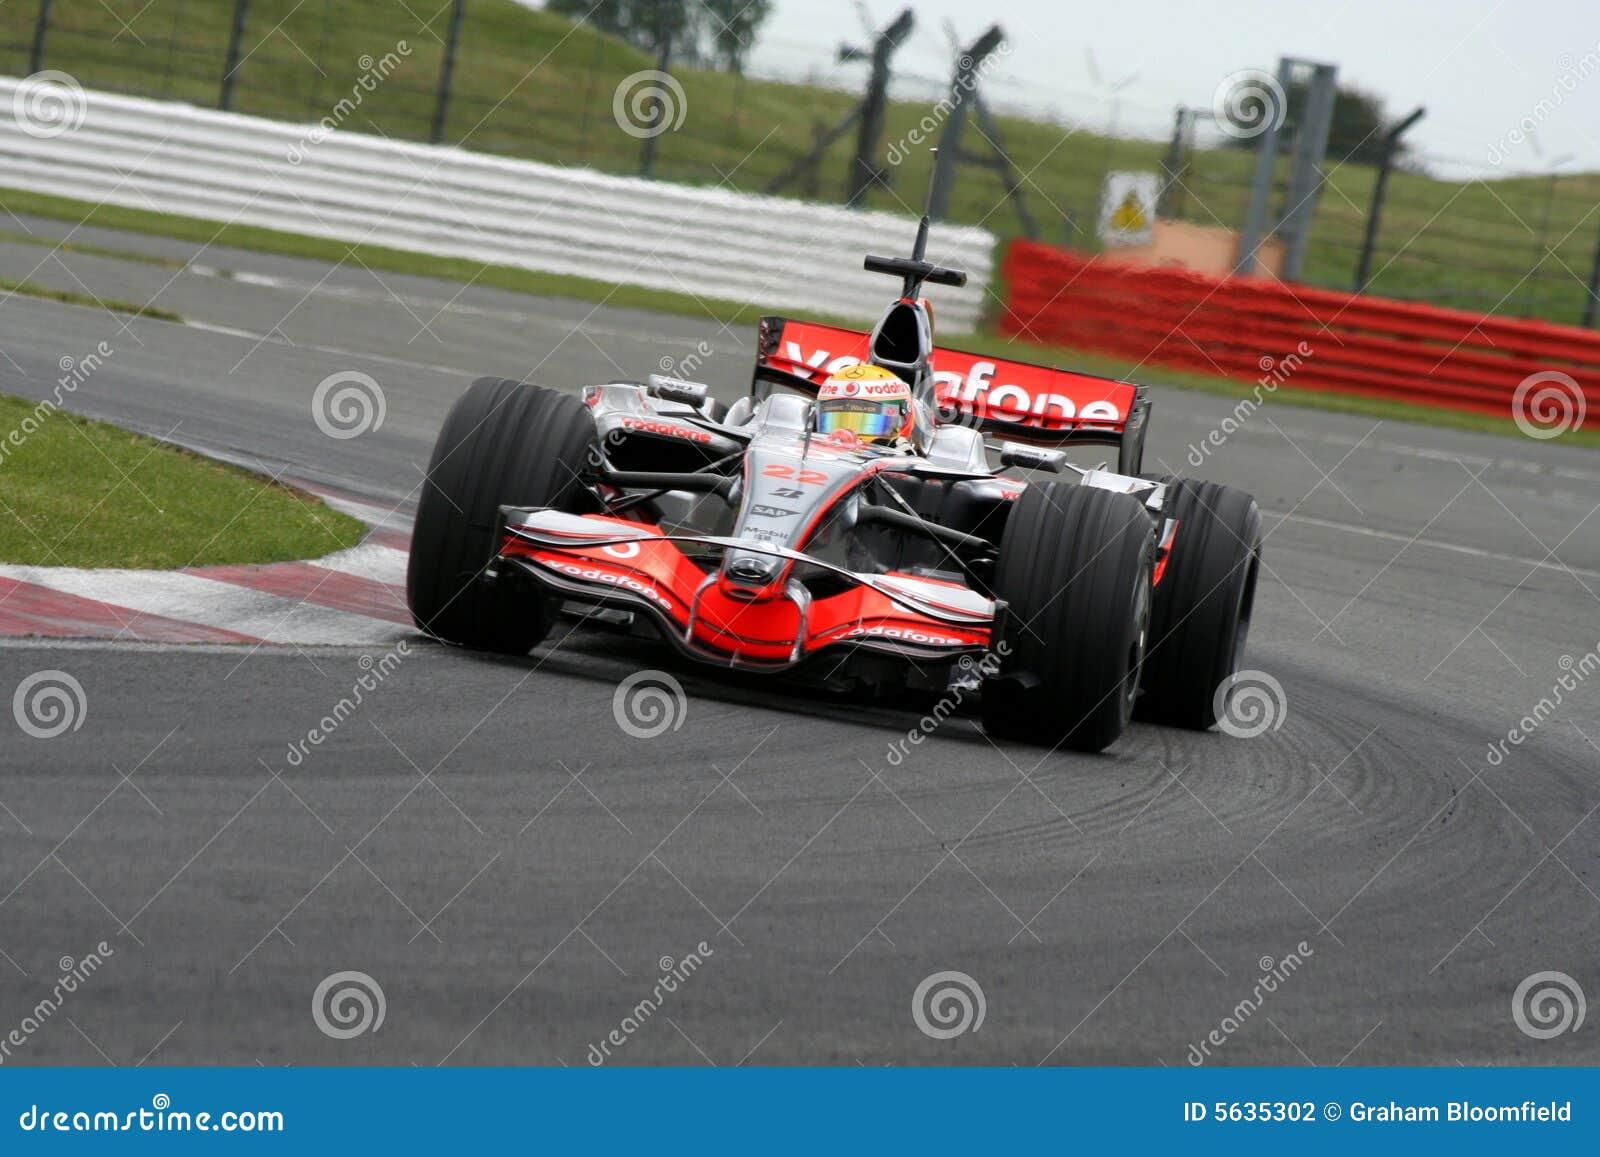 Lewis Hamilton a Silverstone